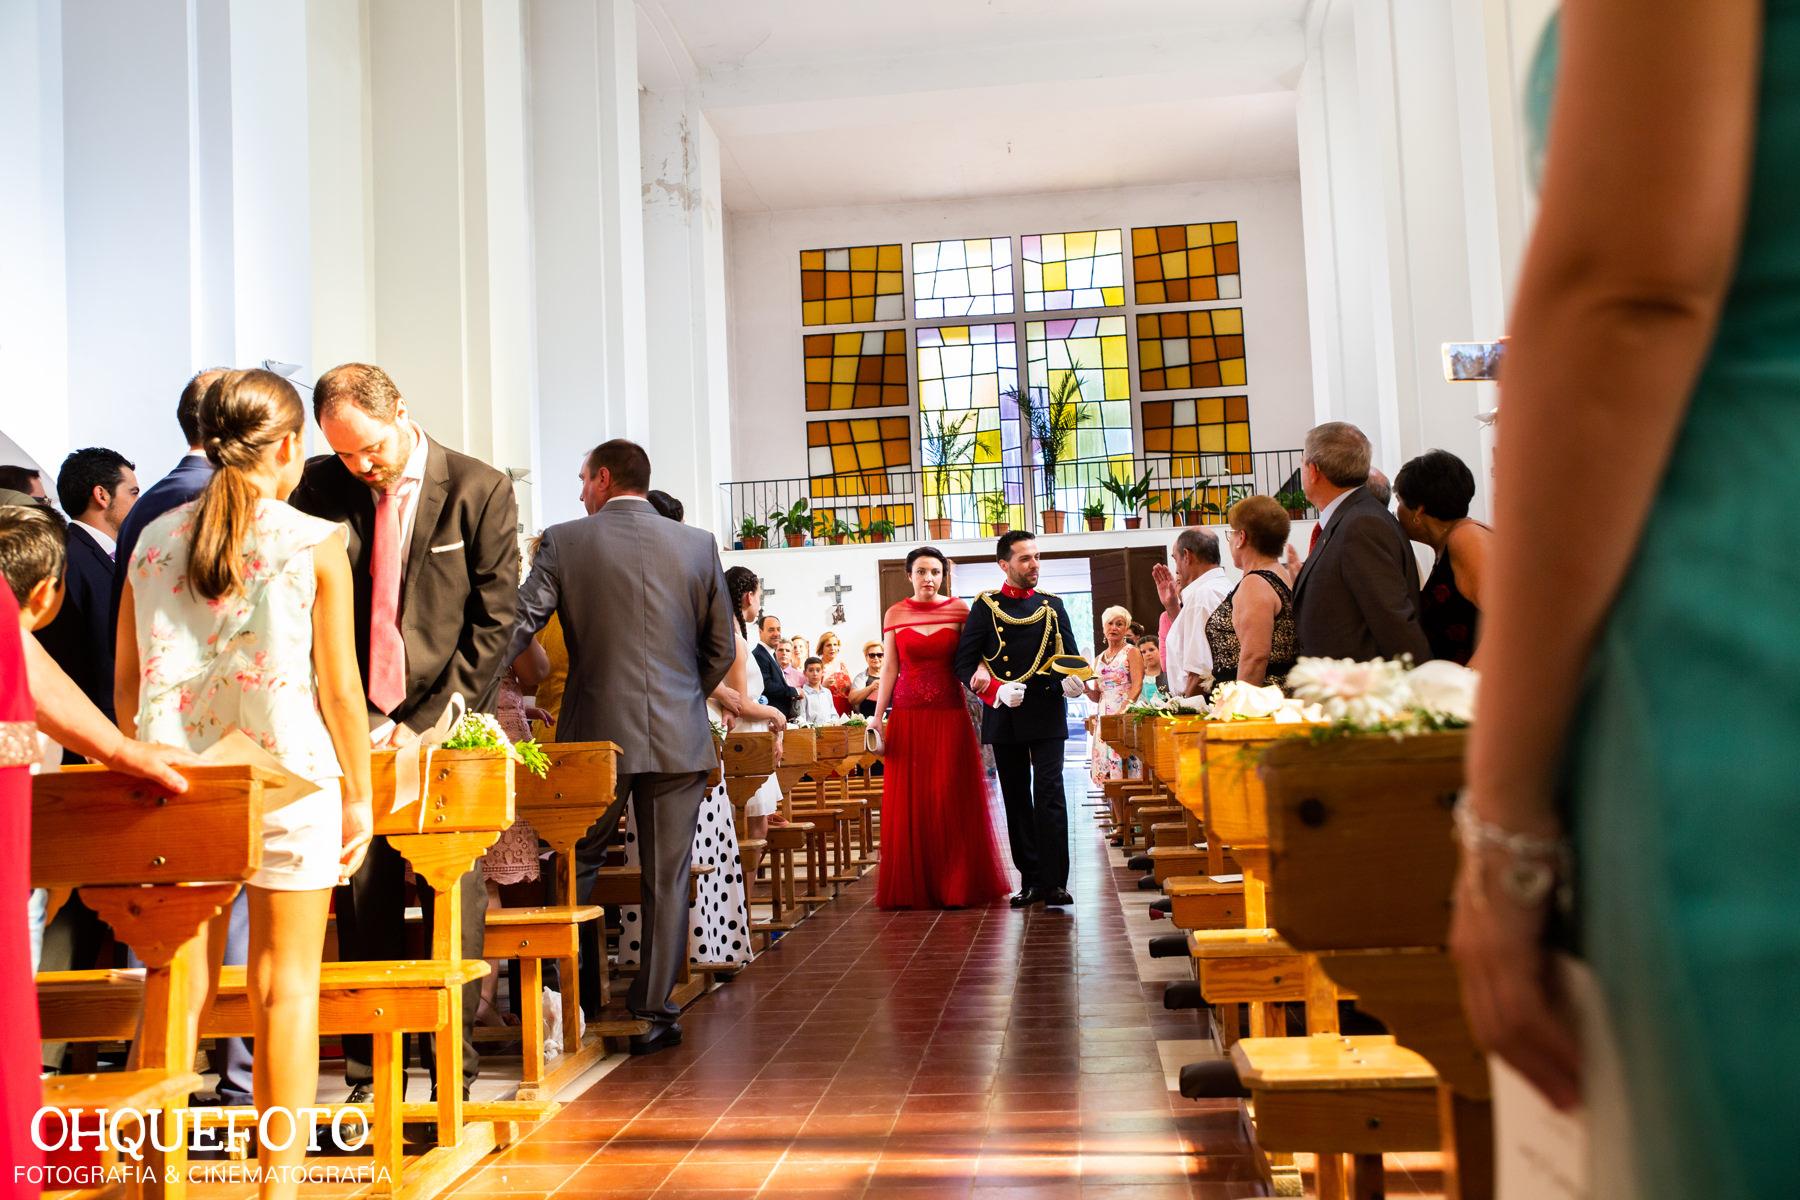 boda en la peraleda boda en cabeza del buey boda en capilla reportaje de bodas en almaden video de bodas en cordoba445 - Jose y Gema - Boda en Zarza Capilla y la Finca La Peraleda (Chillón)